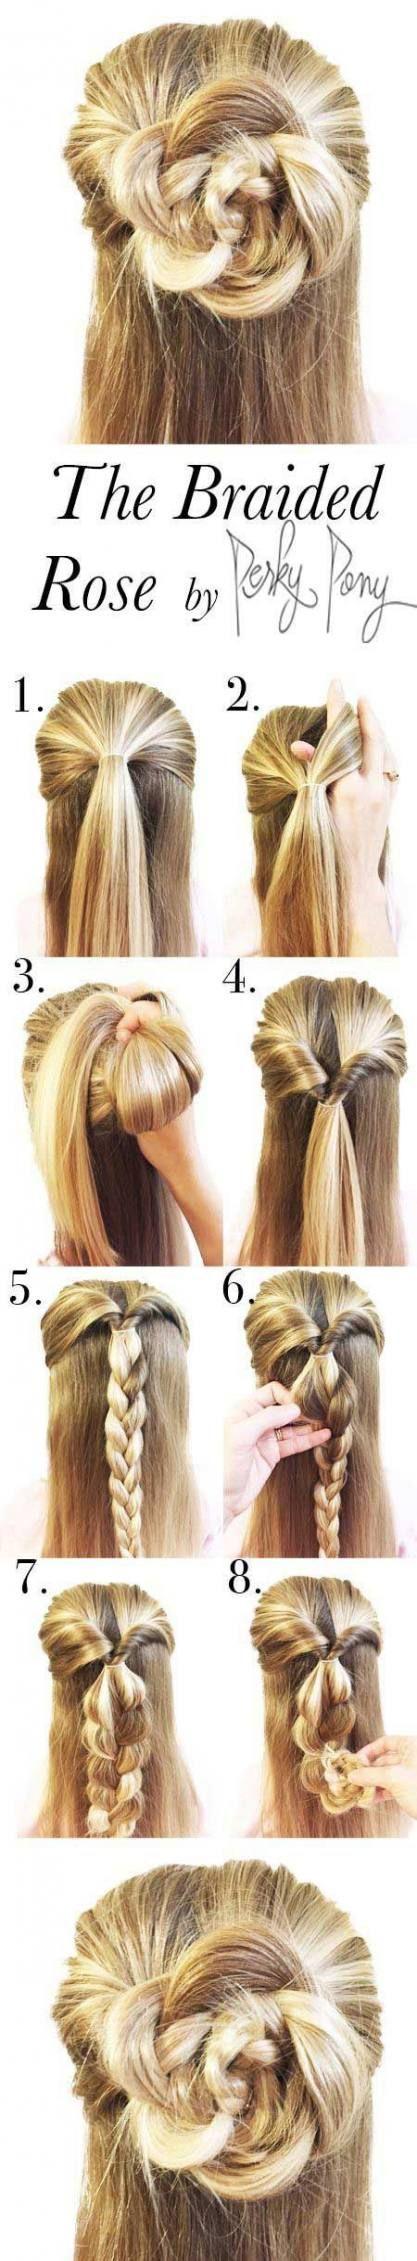 Frisuren Simple Long Lazy Girl 25+ Neue Ideen - #ideas #simple #styles - #HairstyleLazyGirl - #frisuren